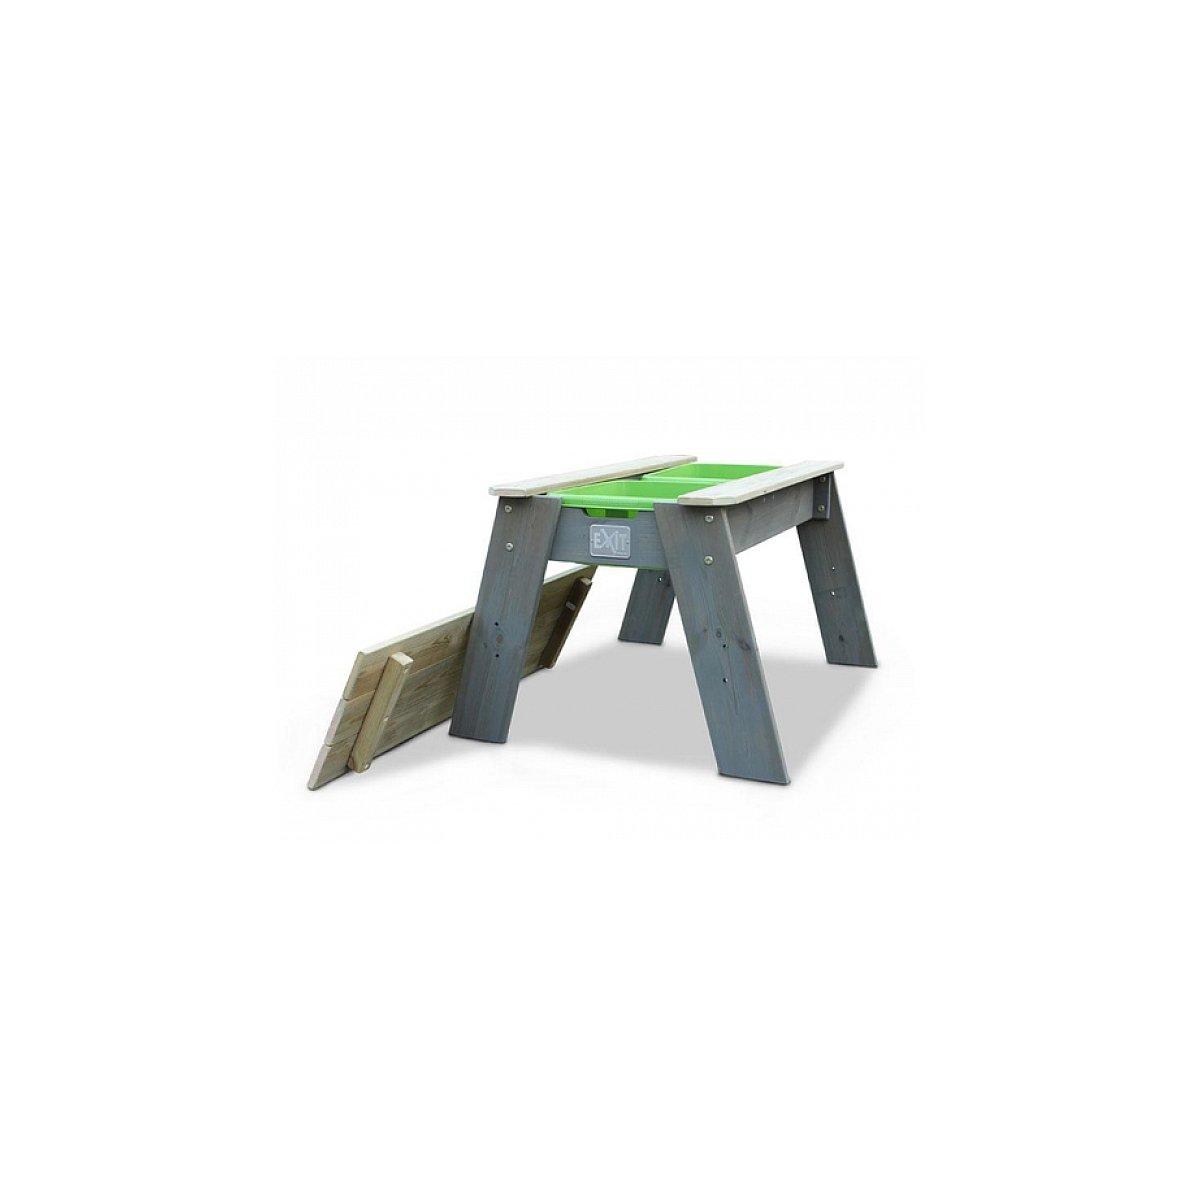 EXIT Aksent Sand- und Wassertisch L / Material: Nordische Fichte / Maße: 69x94x50 cm / Gewicht: 11 kg